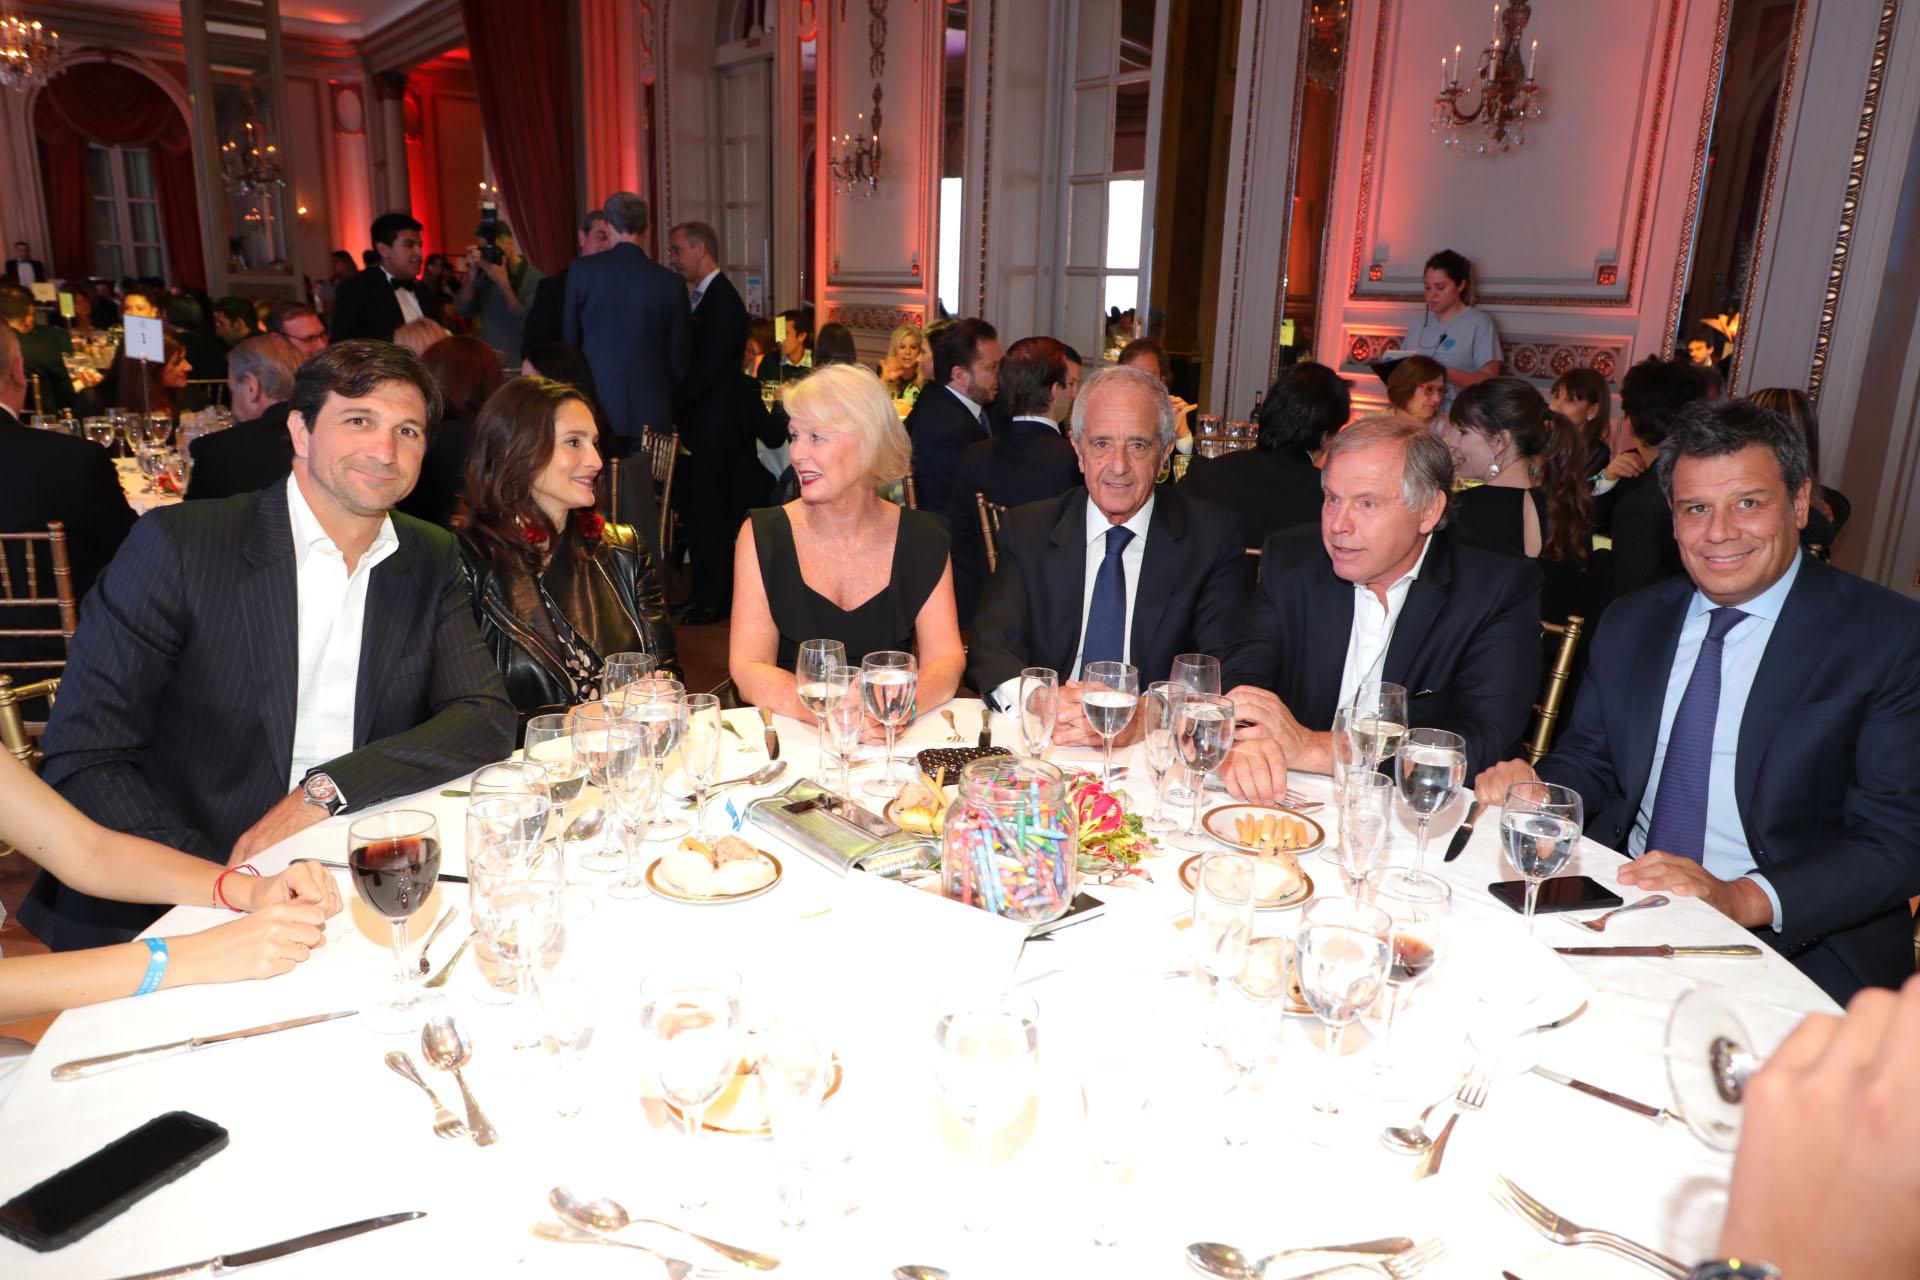 El presidente de la Asociación Argentina de Polo, Eduardo Novillo Astrada, y su mujer; Patricia y Rodolfo D'Onofrio; Gerardo Werthein y Facundo Manes en la mesa principal